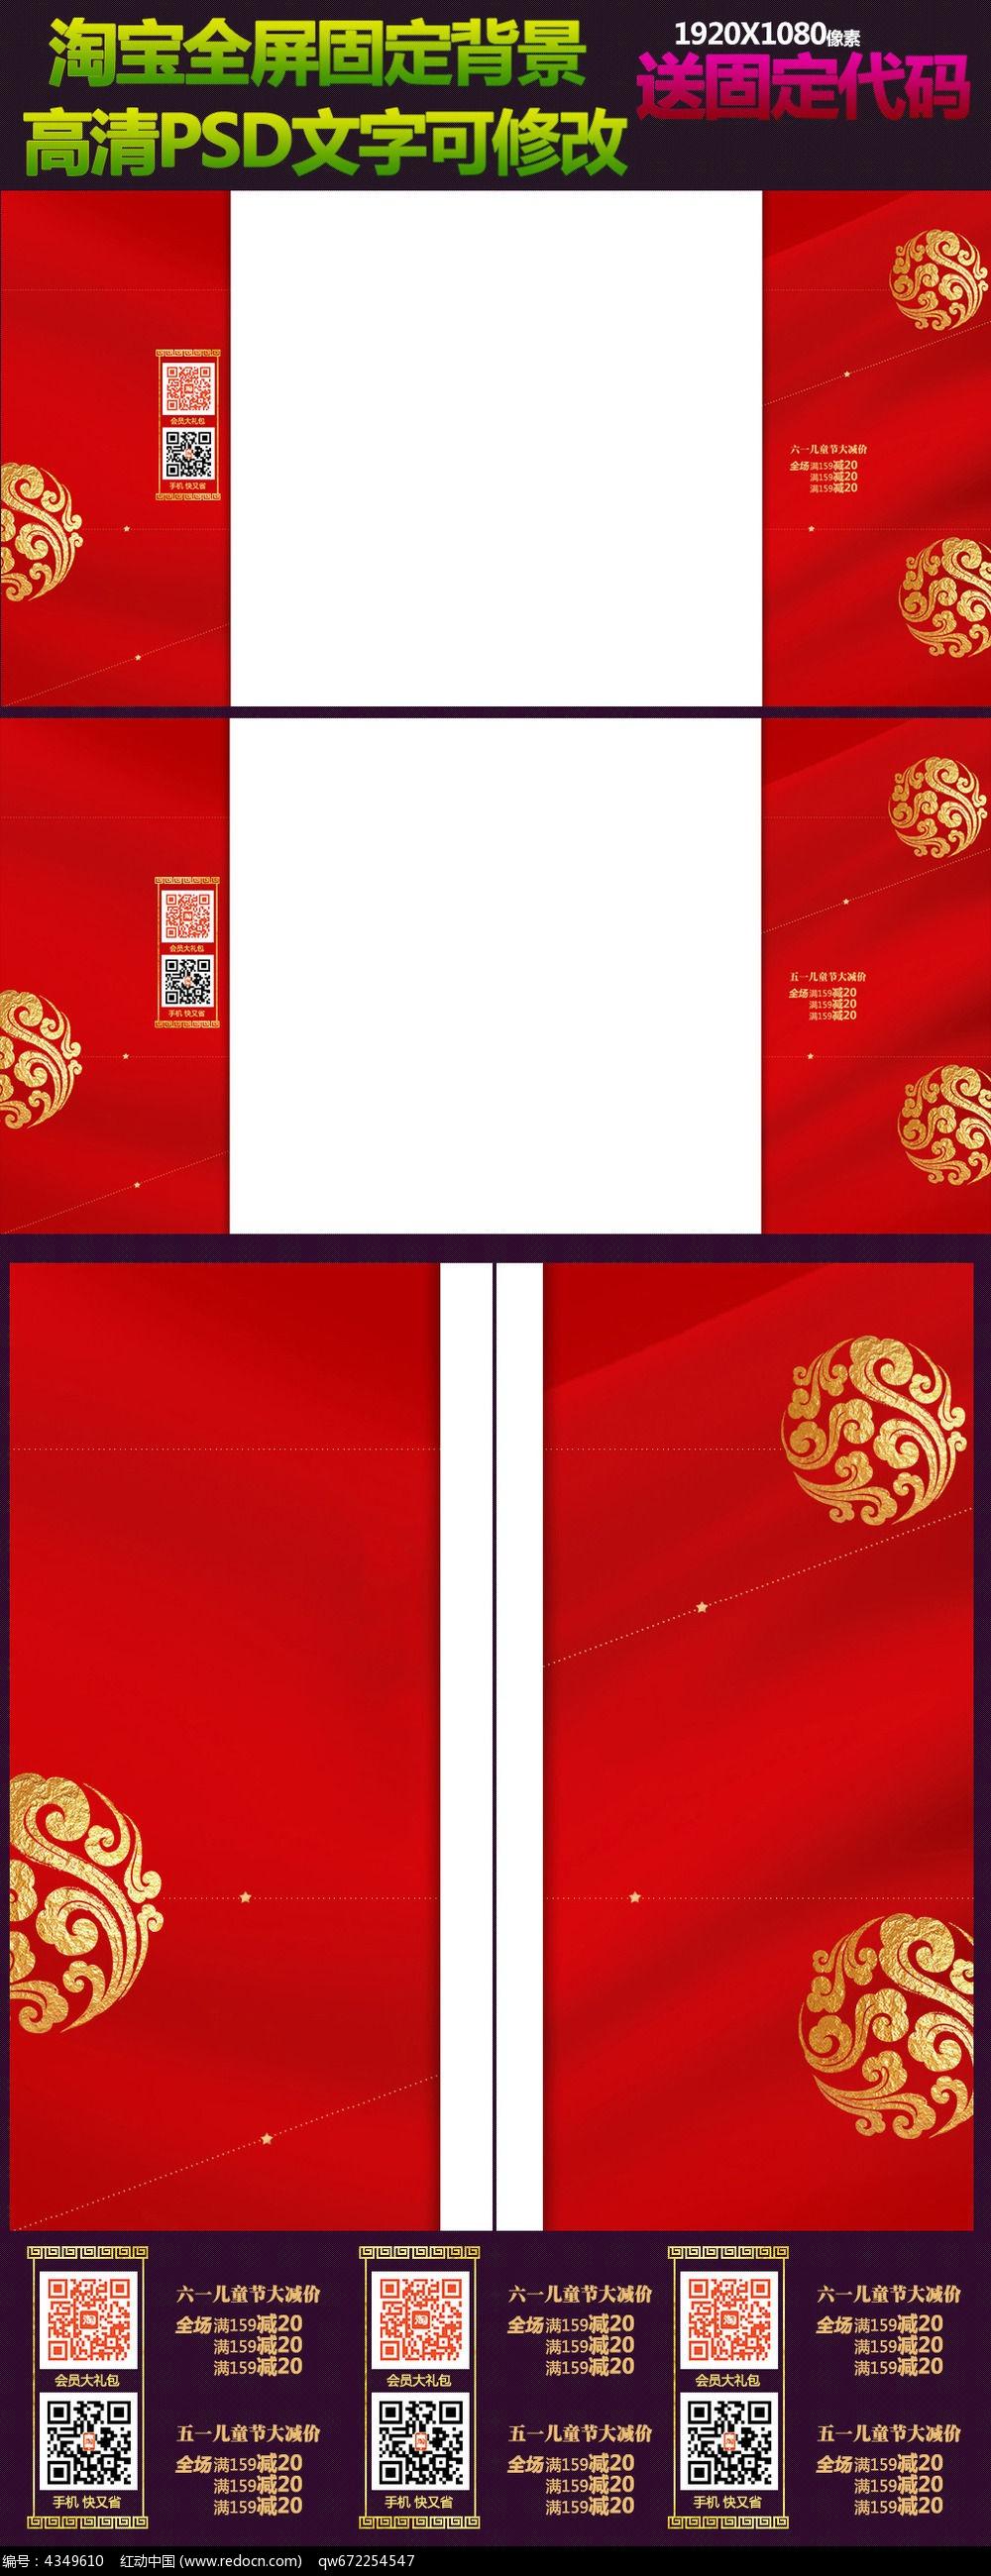 淘宝天猫节日红色中国风背景